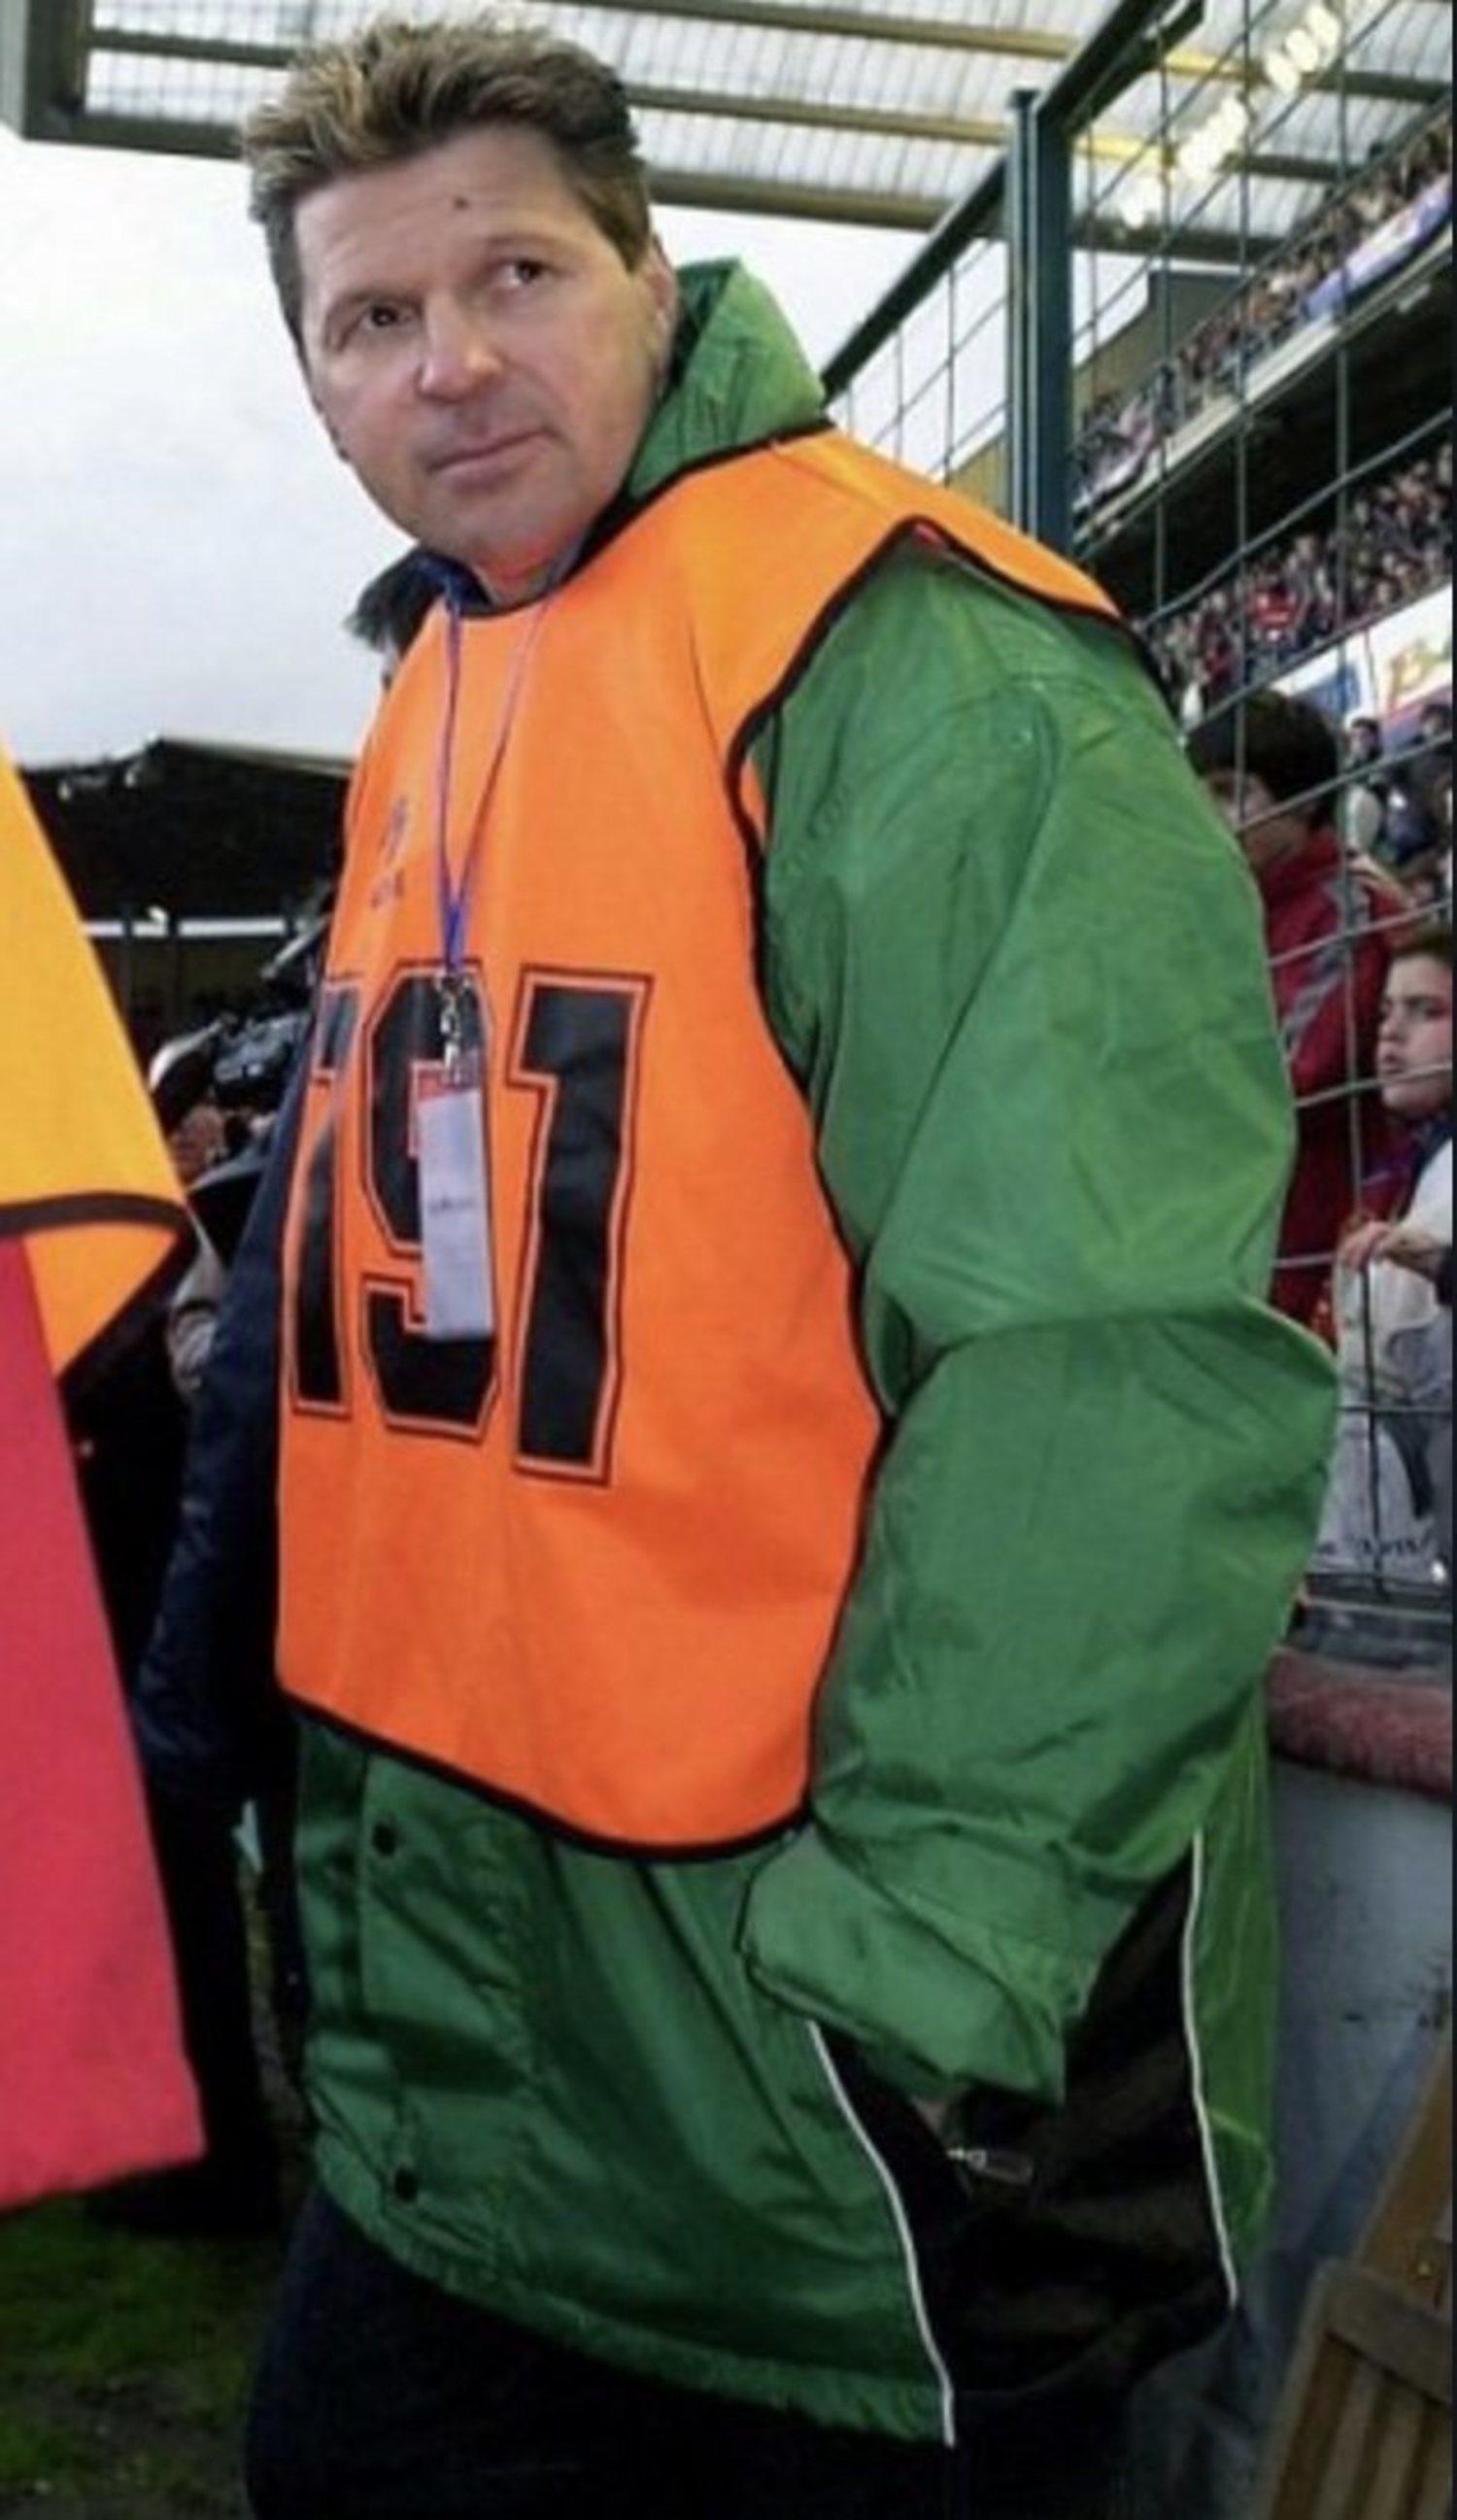 En su primera etapa en el Racing, Piterman se hacía pasar por fotógrafo para estar a pie de campo. Luego ya le terminó dando igual y lo hacía sin disfraces.